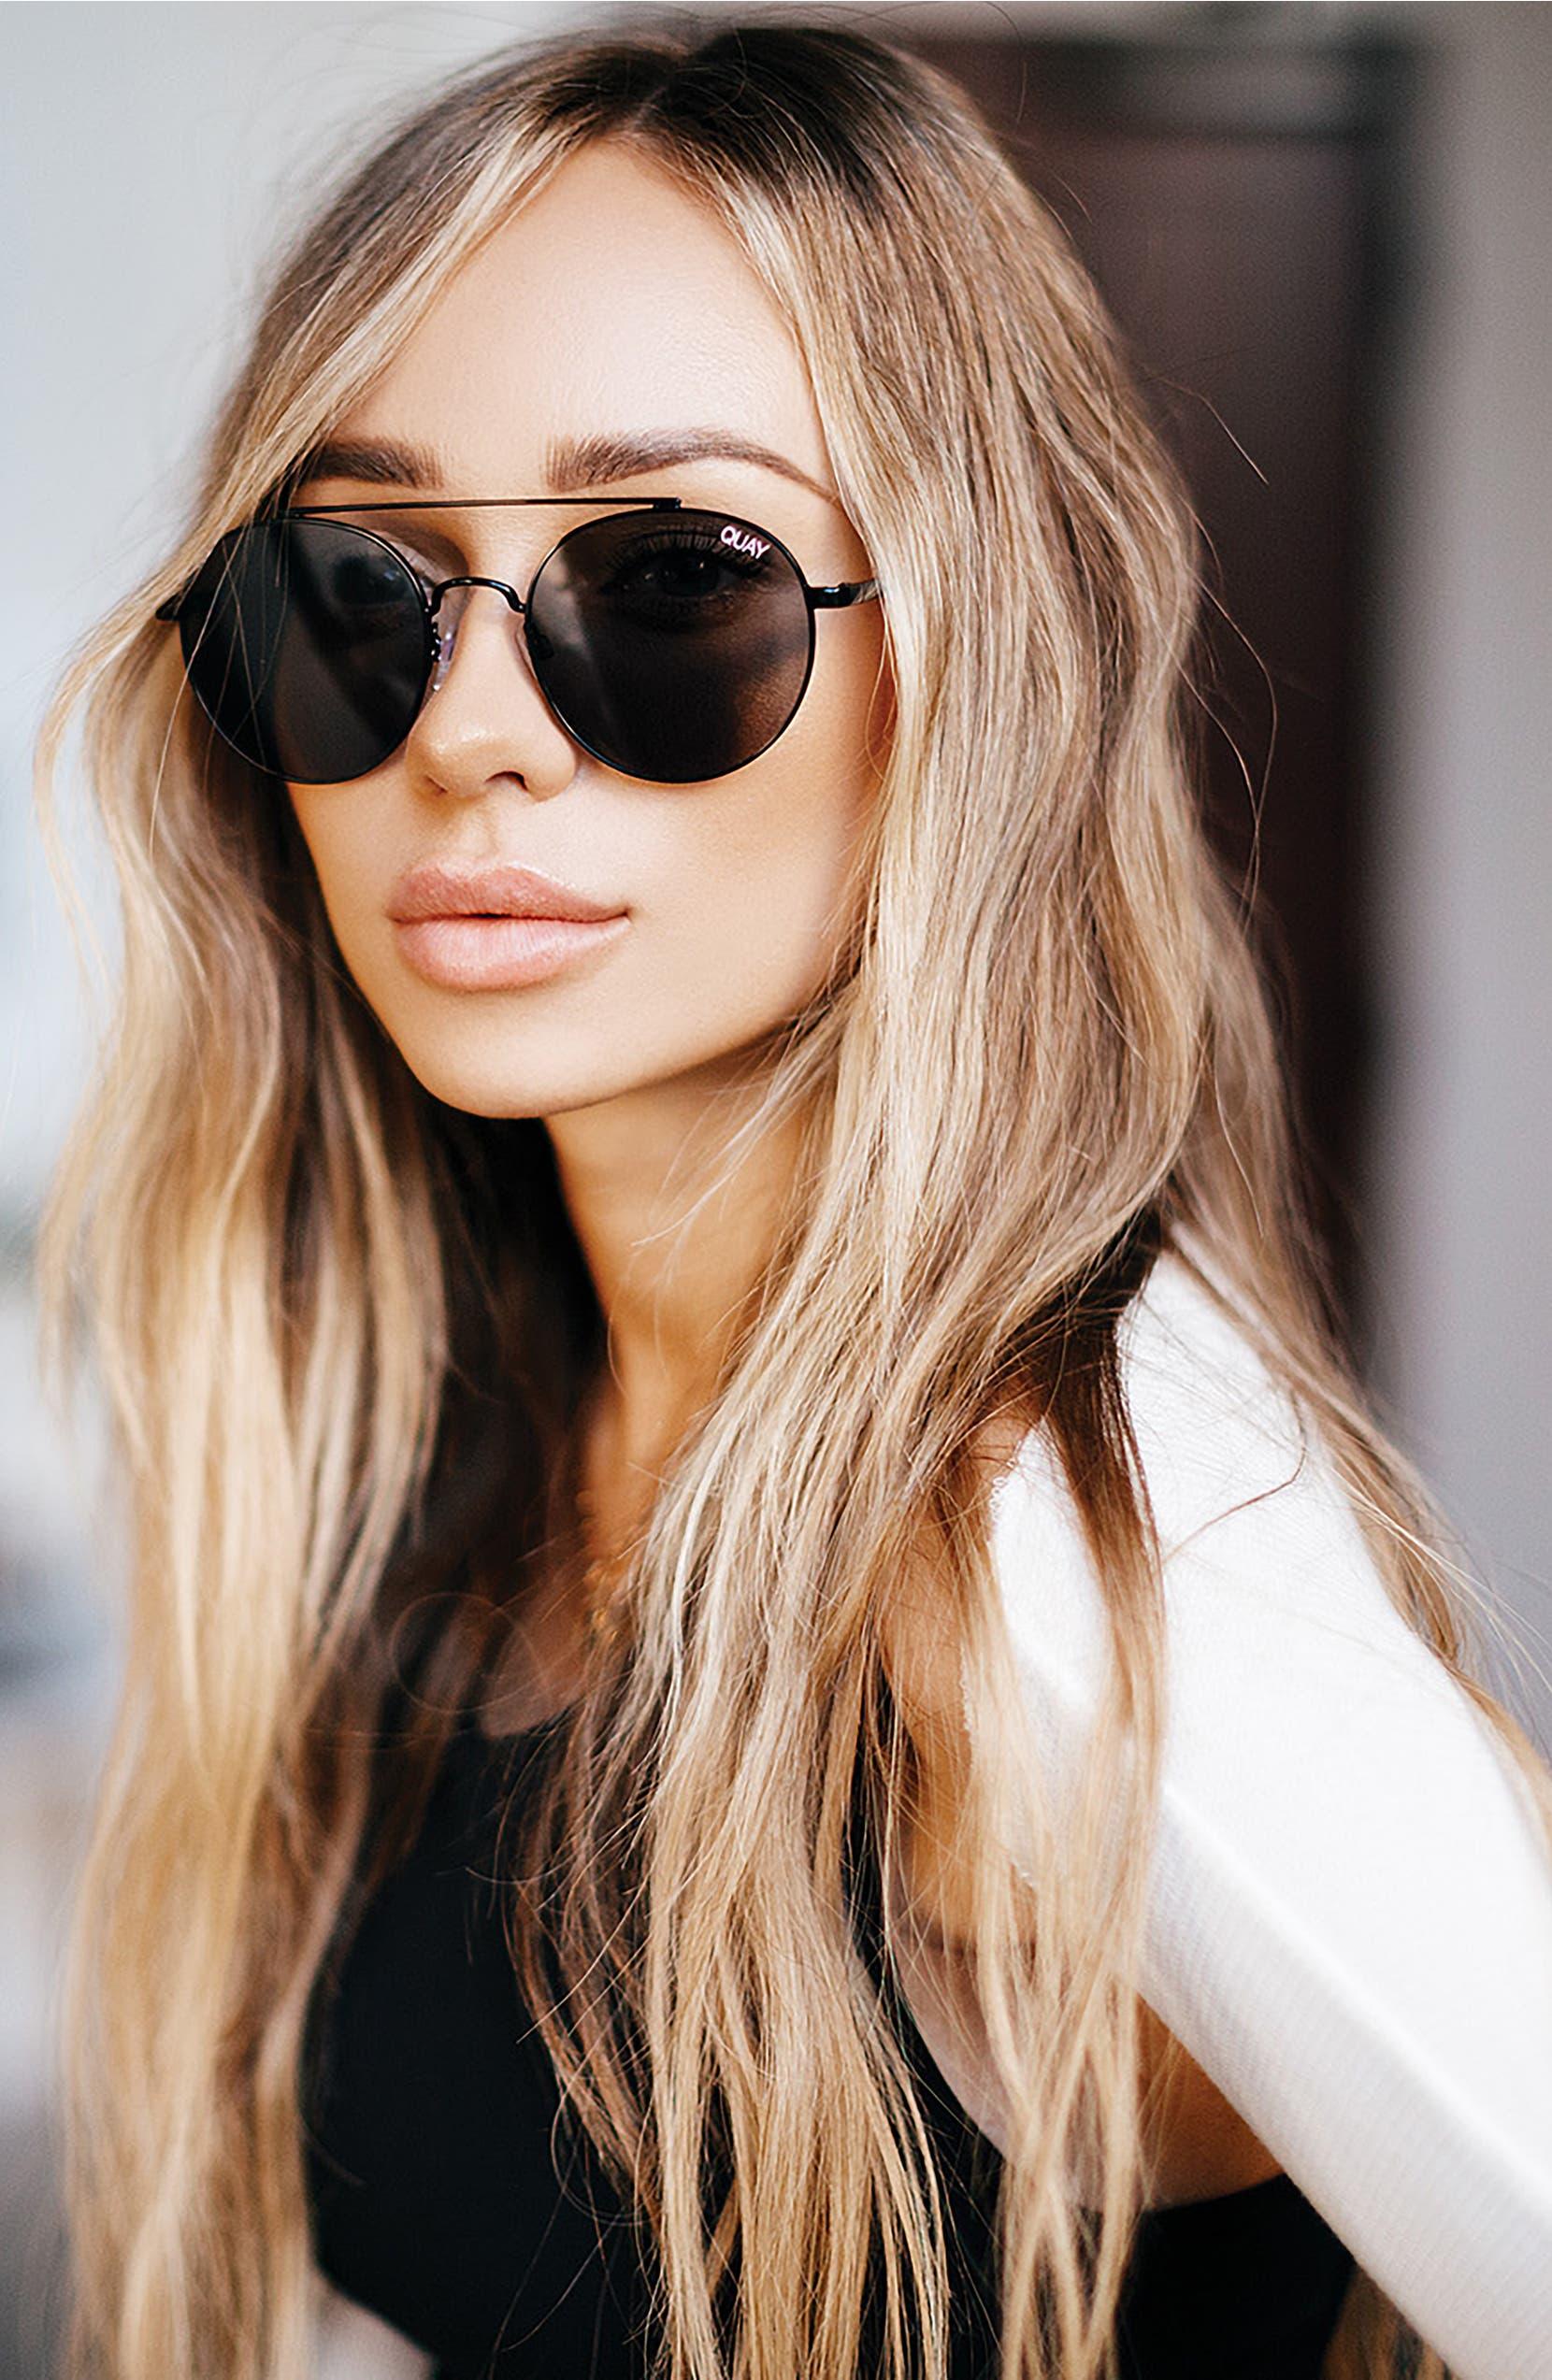 e331779032 Quay Australia Outshine 53mm Round Sunglasses